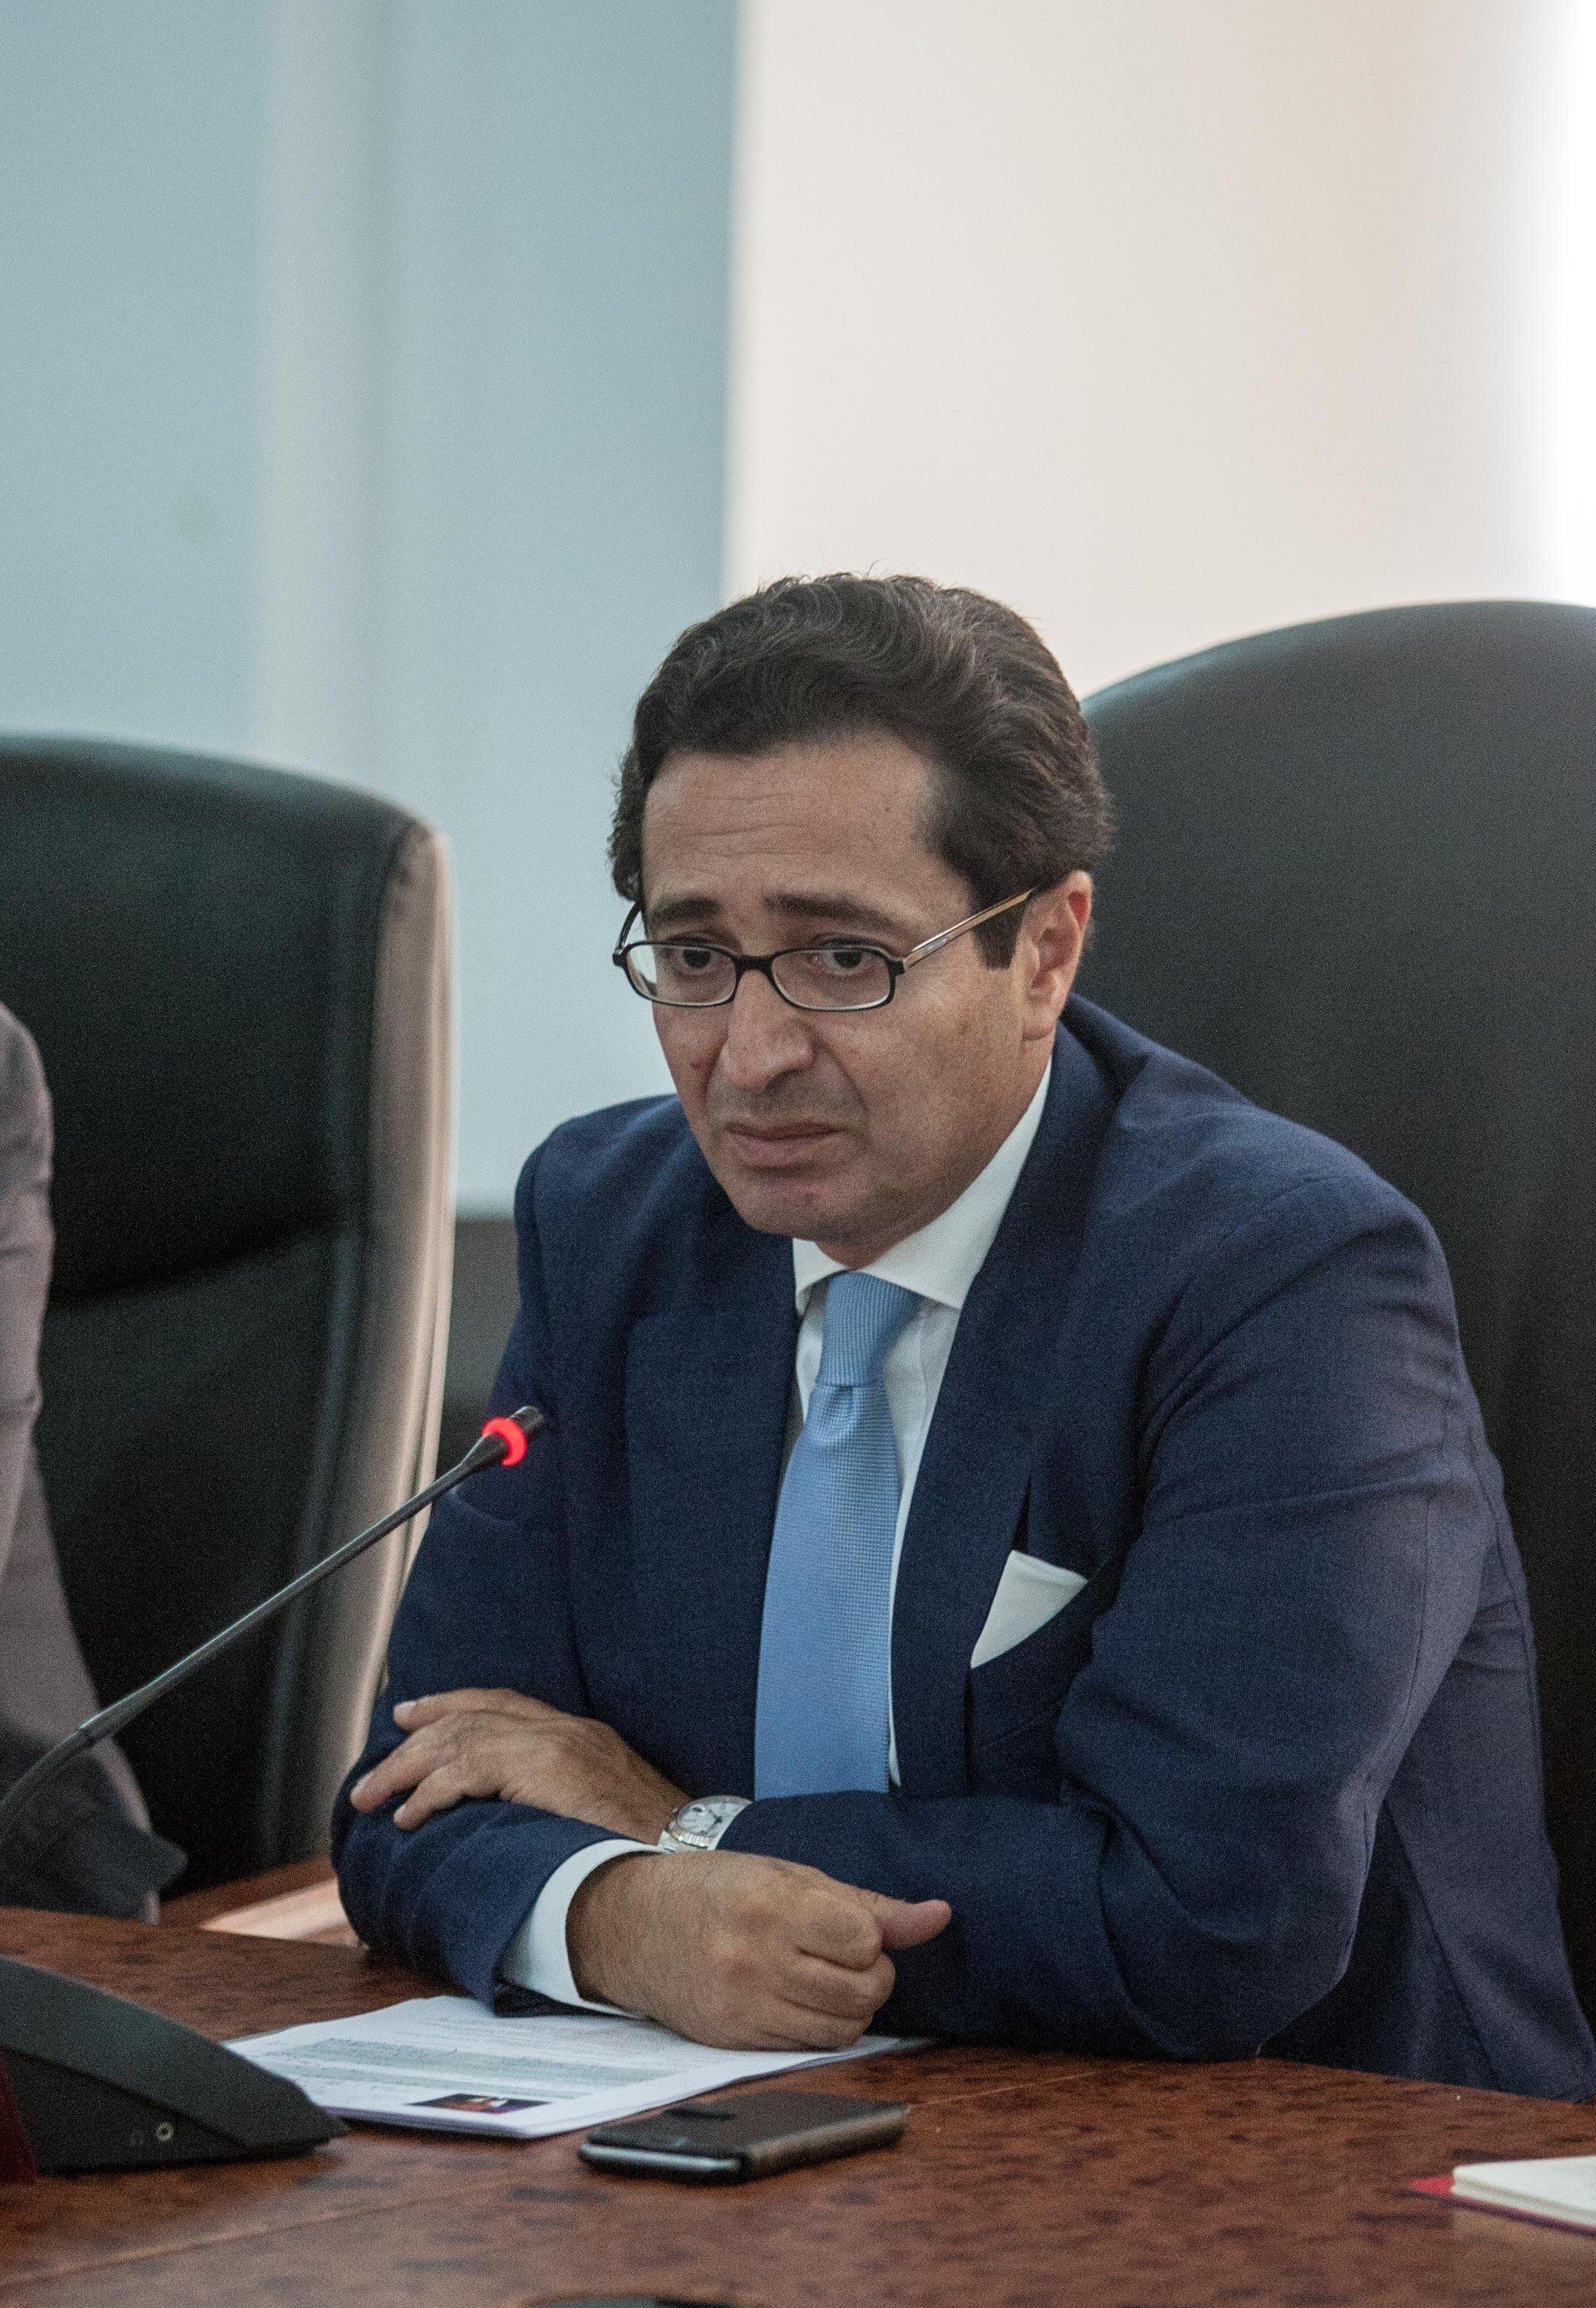 Tunisie Valeurs deviendra une banque d'affaires fin 2019 ou au plus tard, début 2020 annonce Fadhel